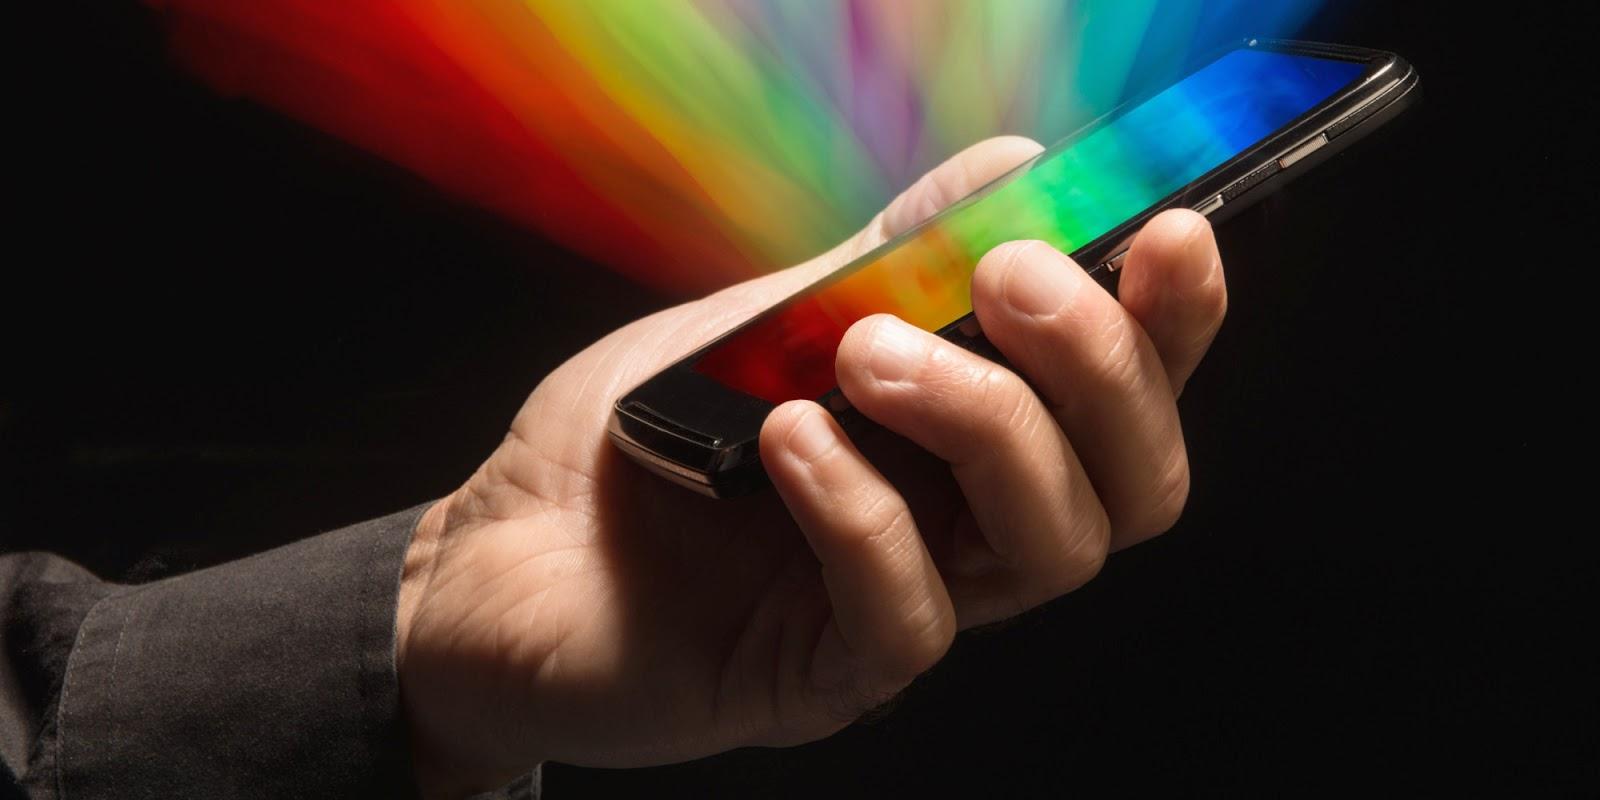 εκτεταμένη χρήση των κινητών τηλεφώνων